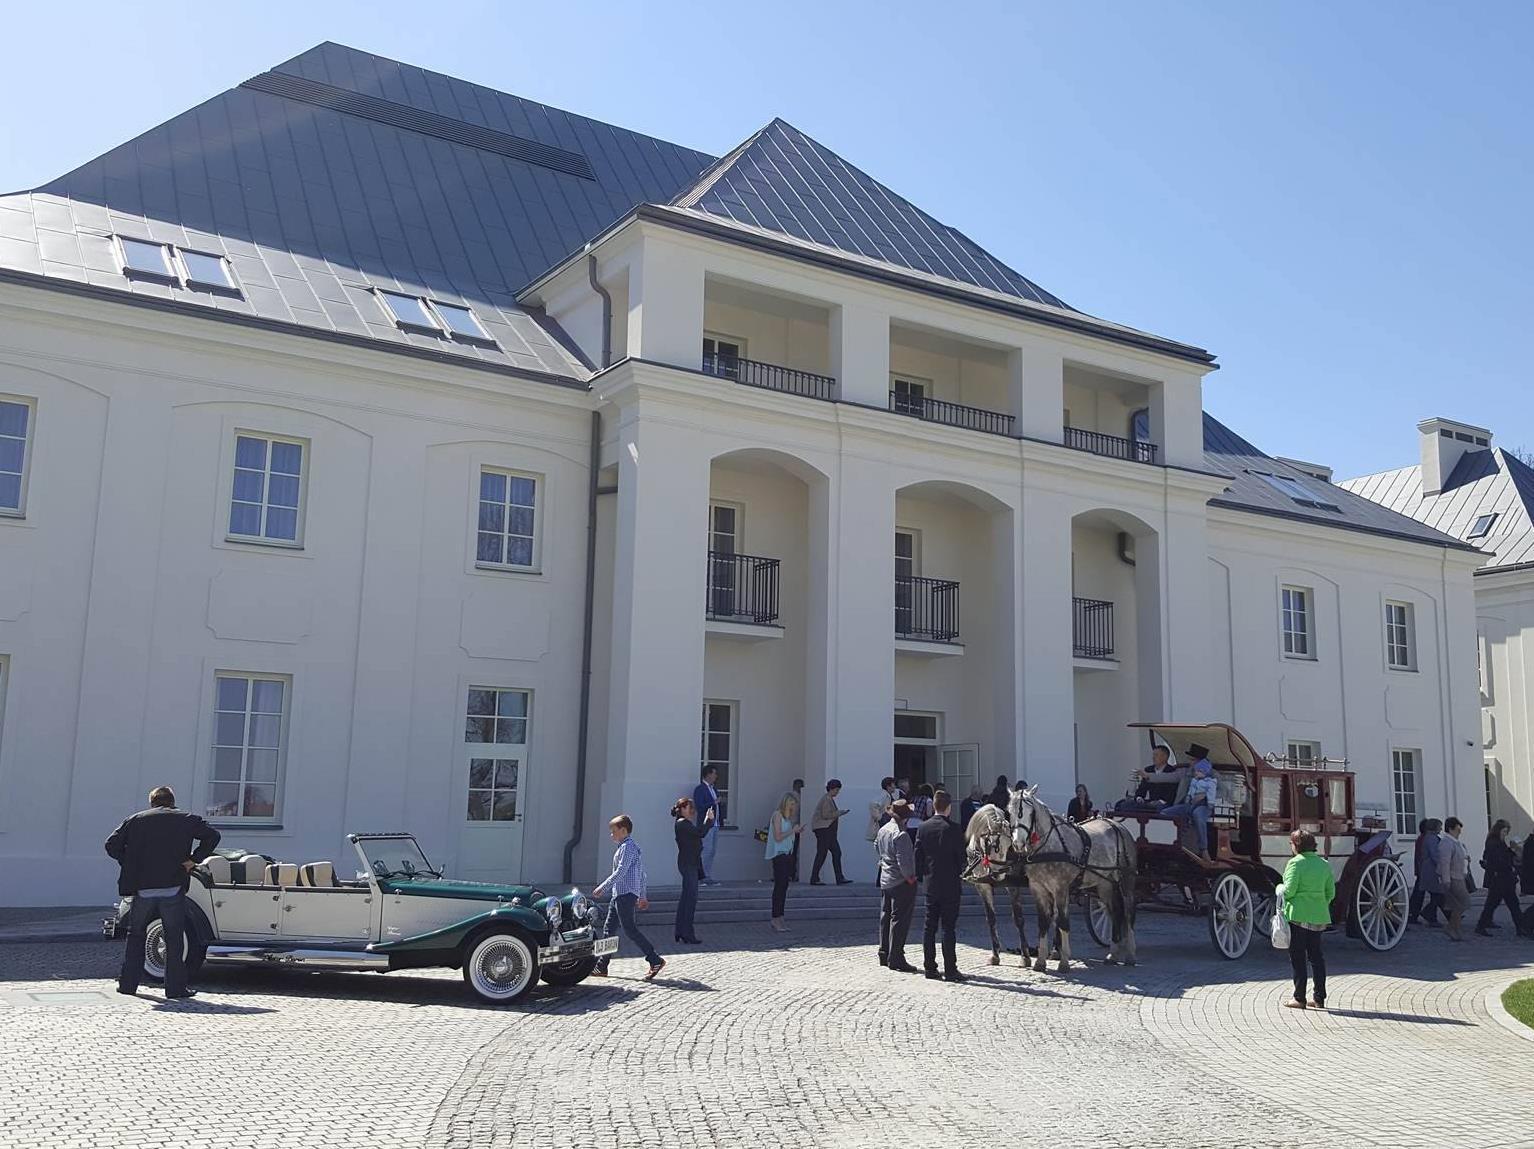 Bishop's Castle Janow Podlaski